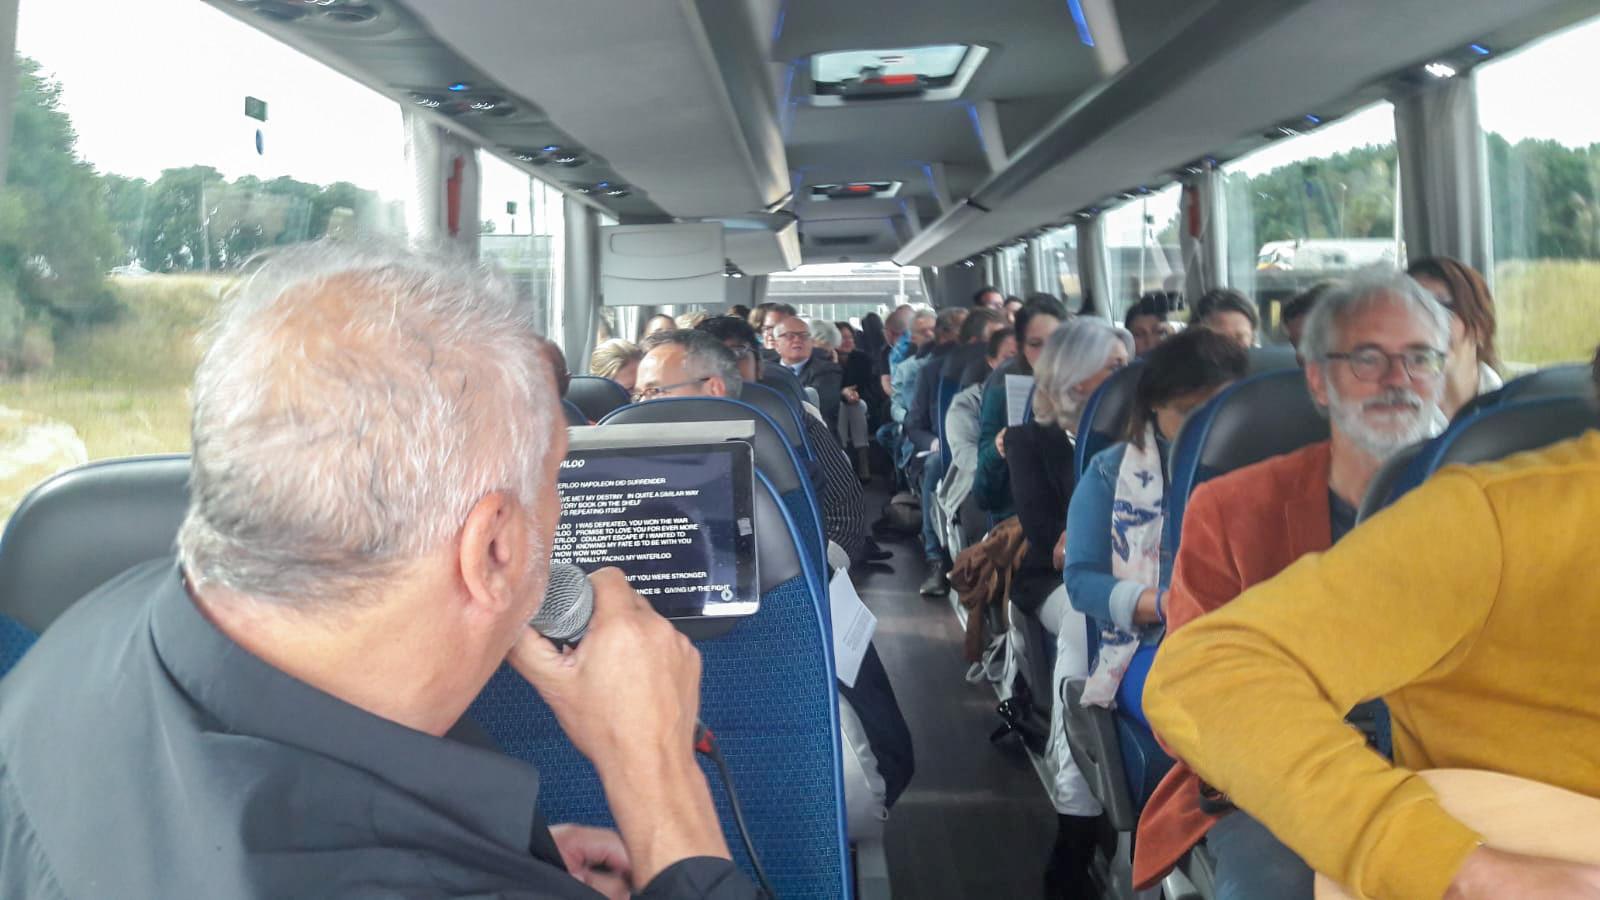 Lain Barbier zingt Waterloo in de bus richting Hilversum.